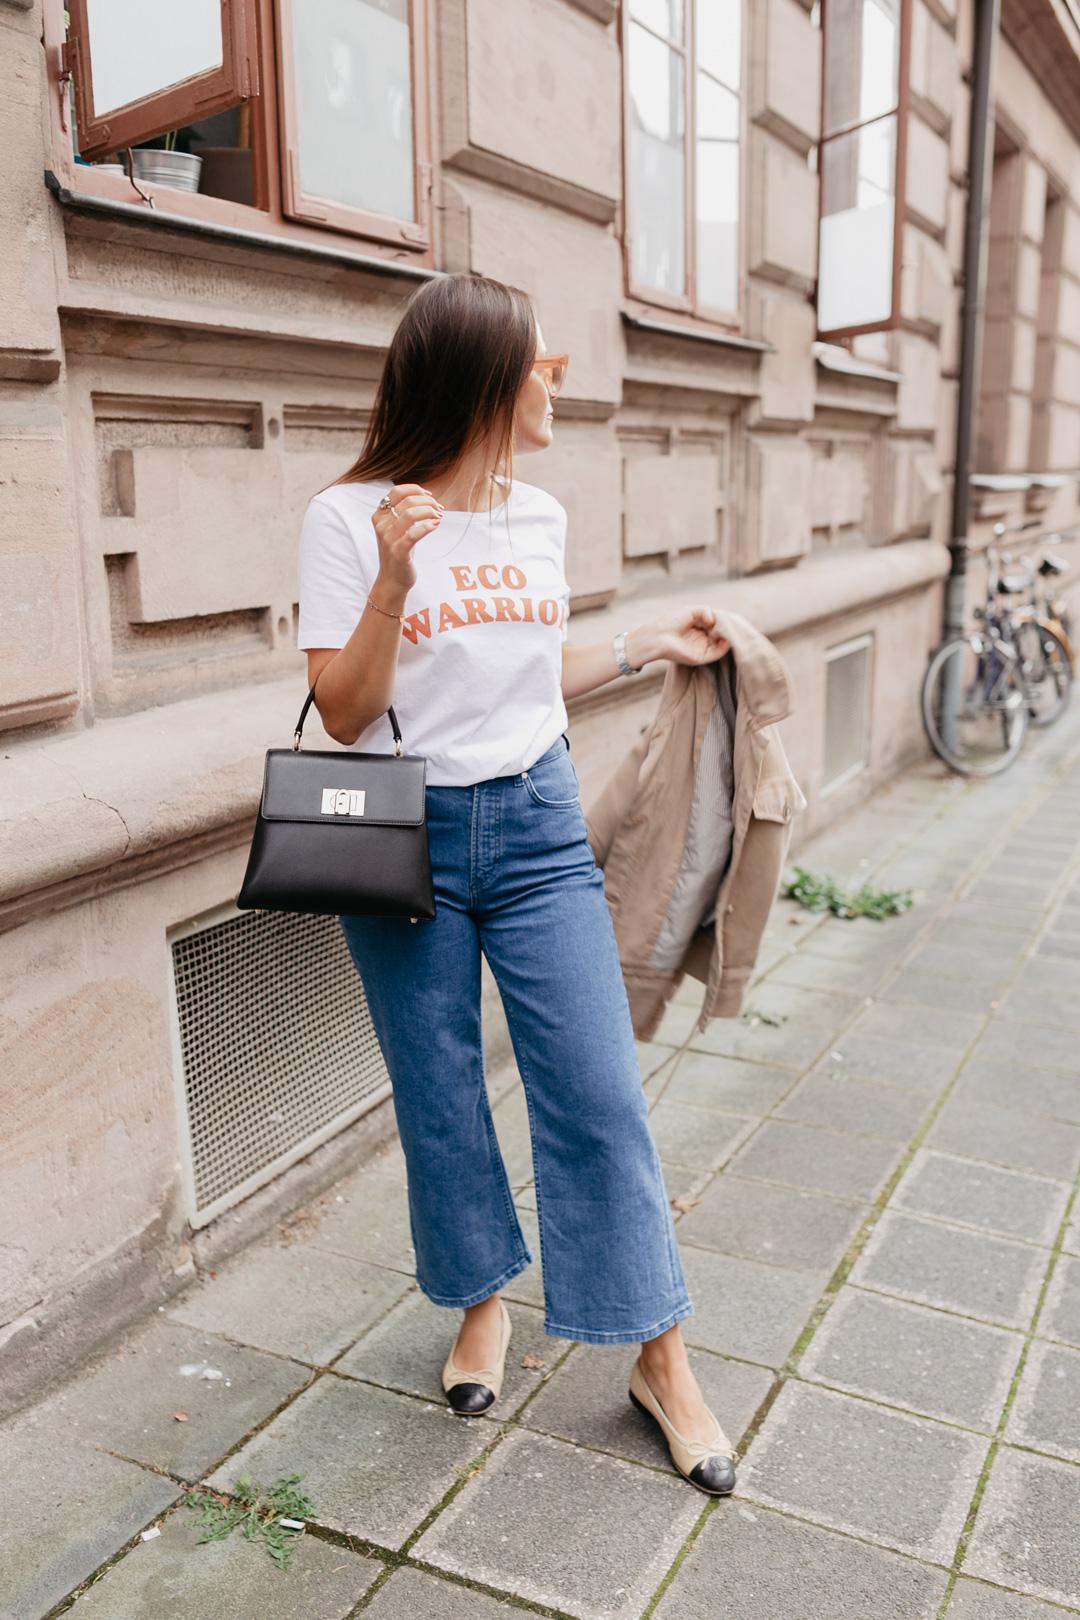 Müsste ich mich outfittechnisch für eine Jahreszeit entscheiden, so wäre es eindeutig der Herbst! Ich liebe die vielen Layering Looks und die raffinierten Kombinationsmöglichkeiten. In diesem Look habe ich noch sommerliche Teile, wie das Shirt und die Ballerinas mit herbstlichen Styles, wie dem Kurzparka und einer Cropped Flare Jeans kombiniert. Auf www.piecesofmariposa.com findet ihr noch mehr Styles für die dritte Jahreszeit!